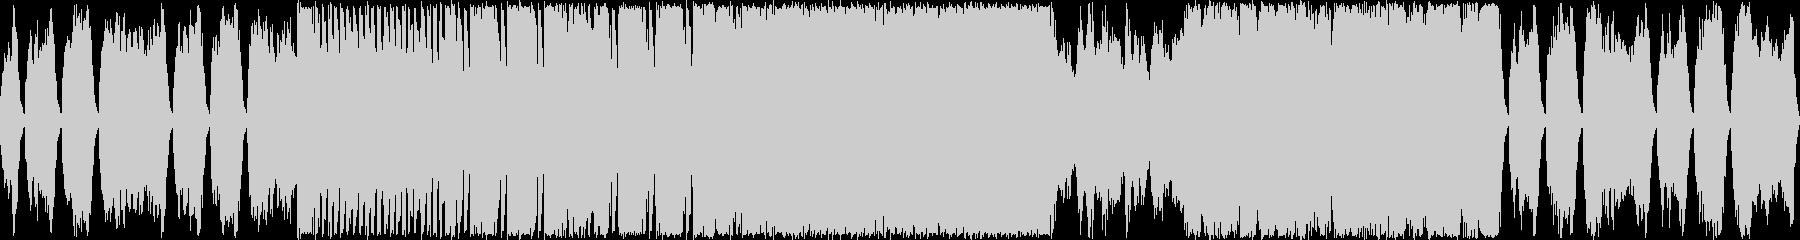 ミステリアスな弦楽ワルツ風の未再生の波形